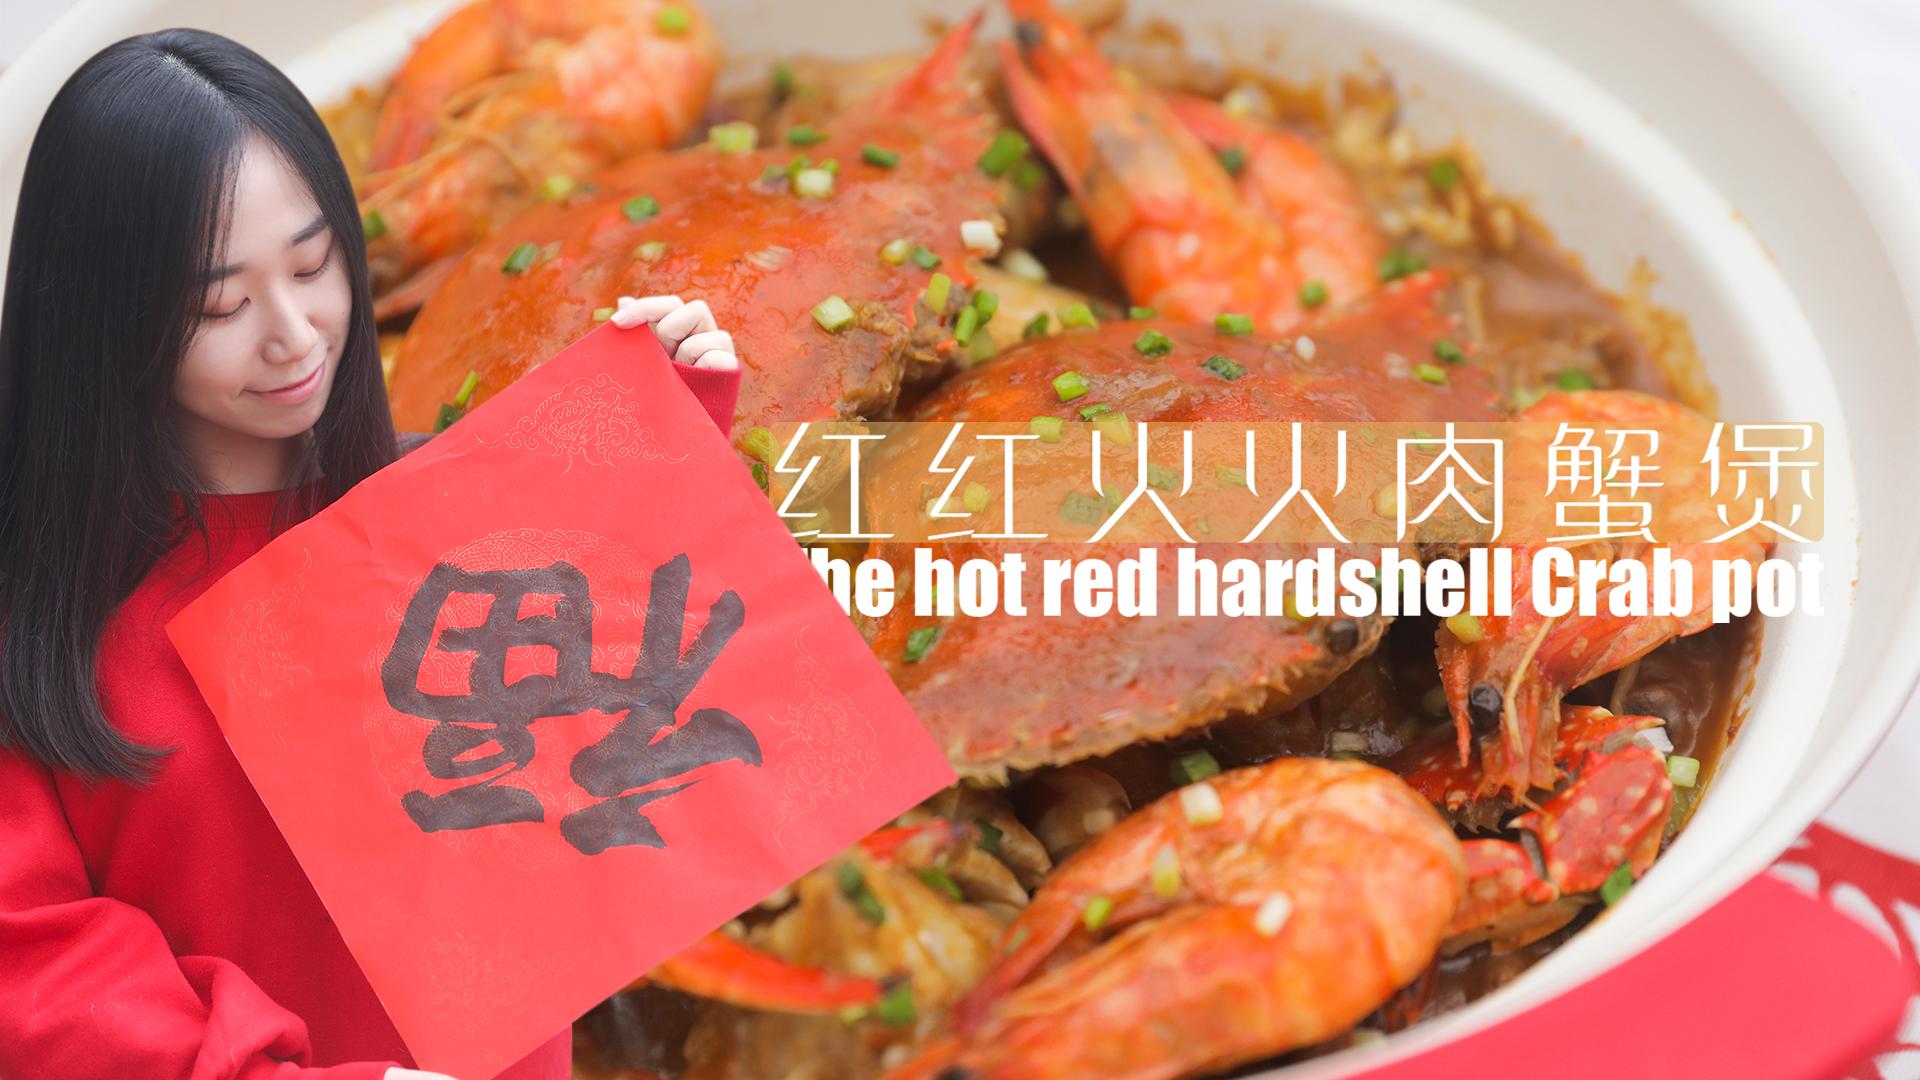 「厨娘物语」136红红火火肉蟹煲